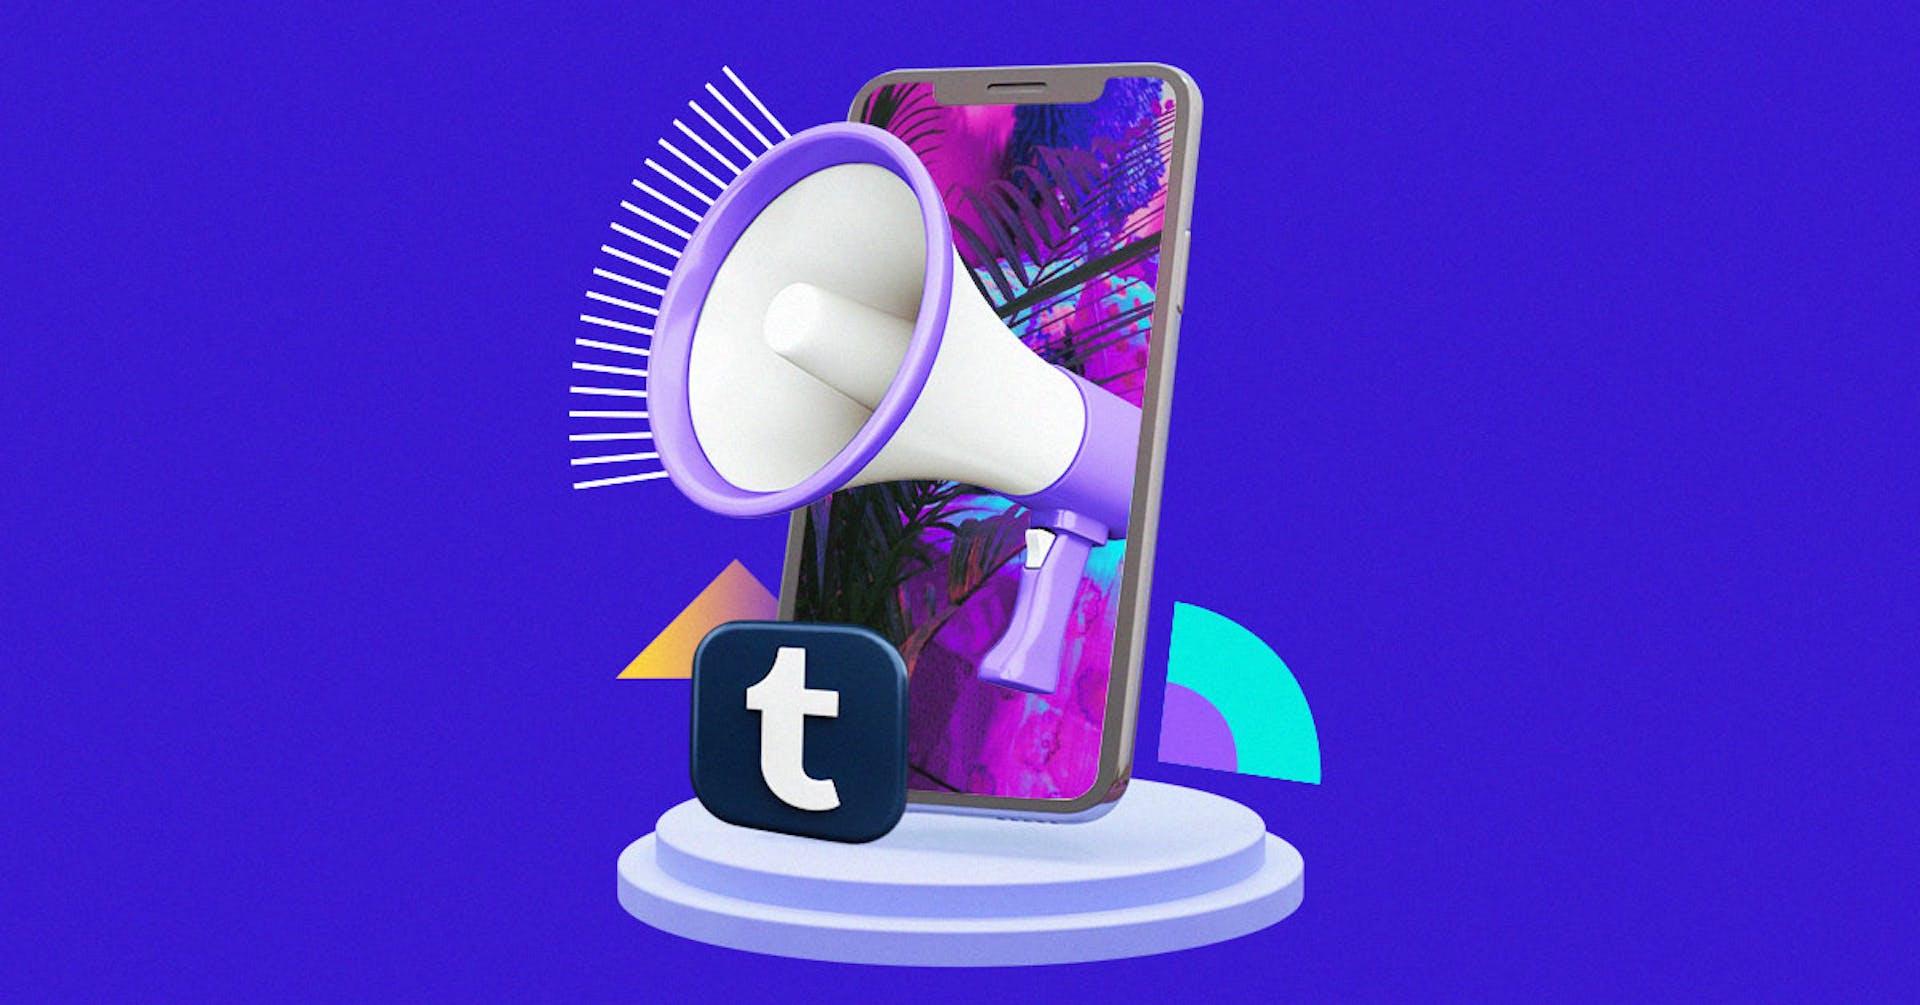 Aprende cómo hacer Marketing en Tumblr y mejora el alcance de tu marca